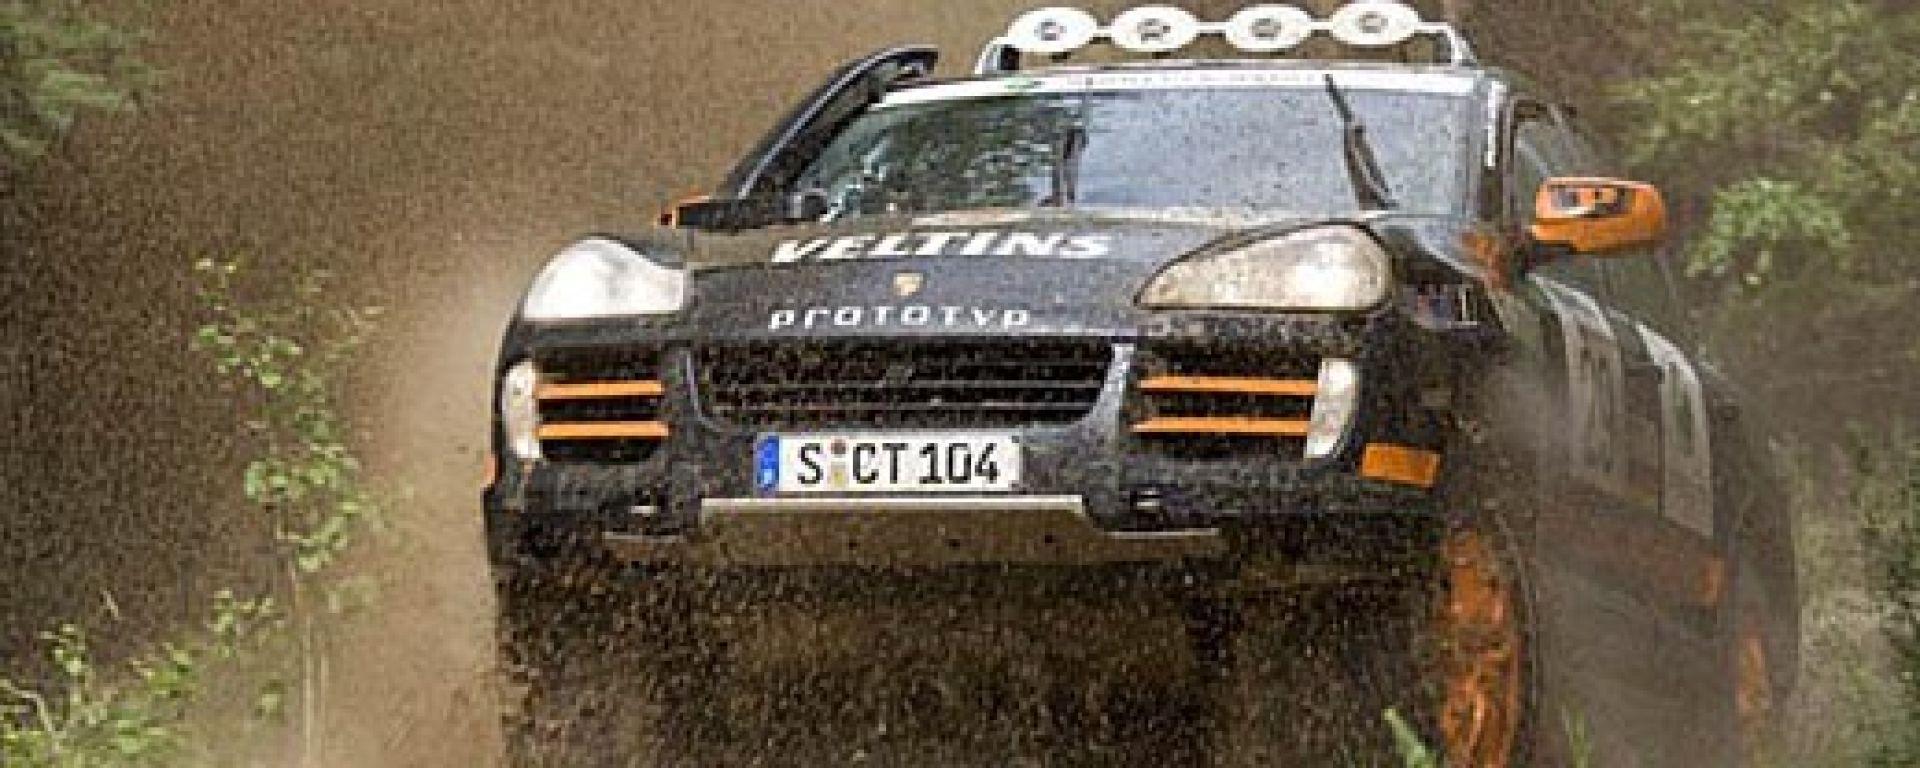 Transsyberia Rally 2008: seconda puntata